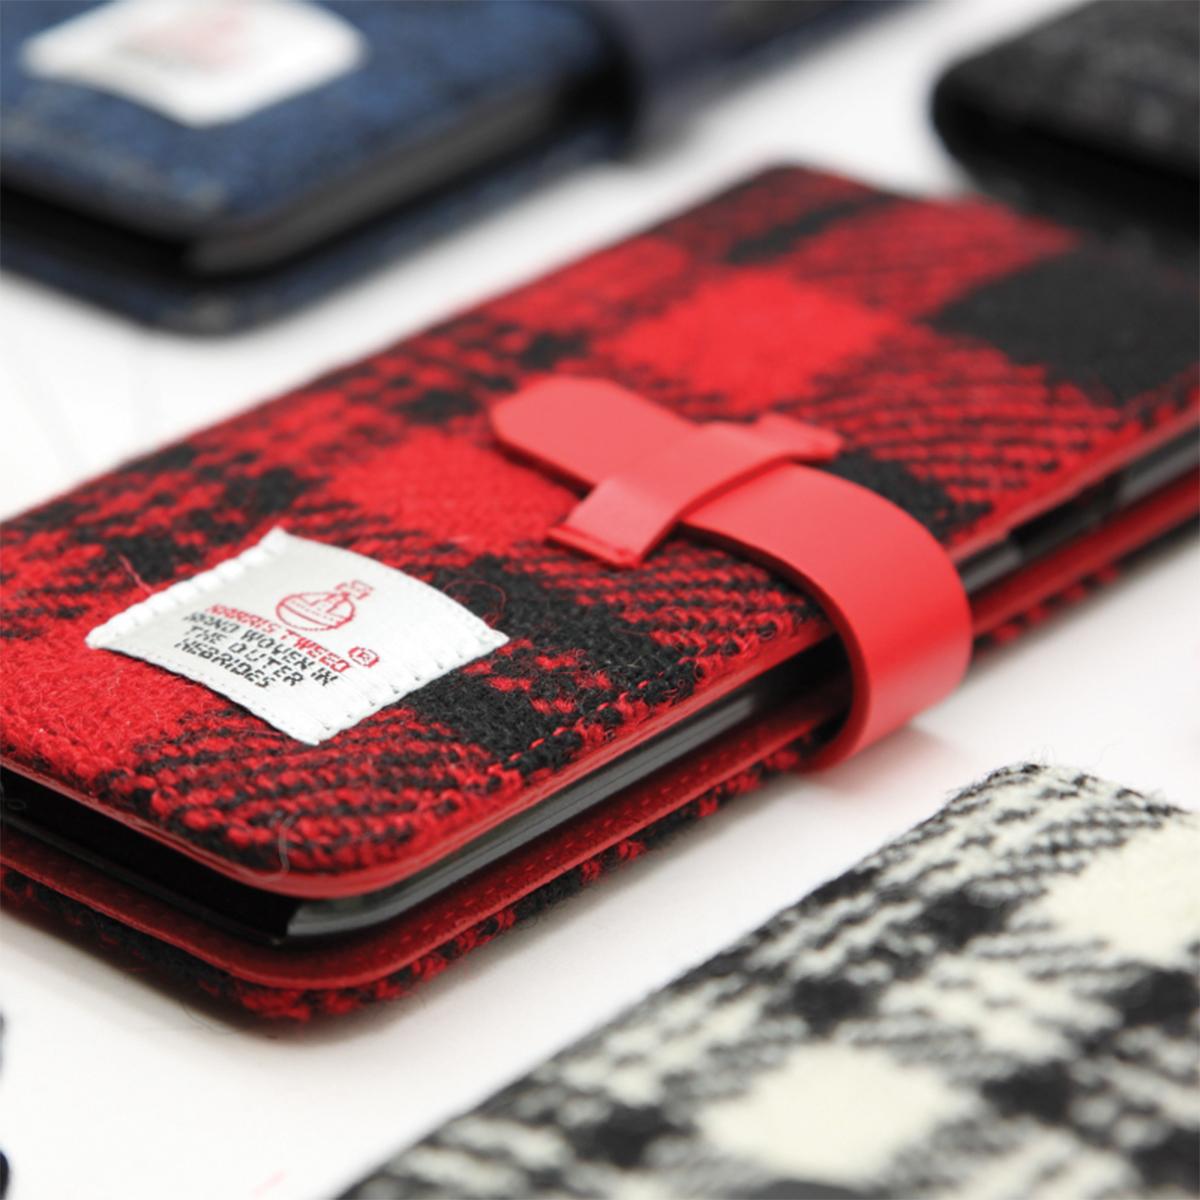 iPhone6s Plus/6 Plus 本革 ホワイト ケース 手帳型 レザー SLG Desig Harris Tweed Diary(エスエルジーデザイン ハリスツイードダイアリー)アイフォン スマホケース 本革 レザー ツイード 高品質 ブラック レッド グレー ホワイト 黒 赤 白, 爽快ドラッグ:01fb0e3f --- finfoundation.org